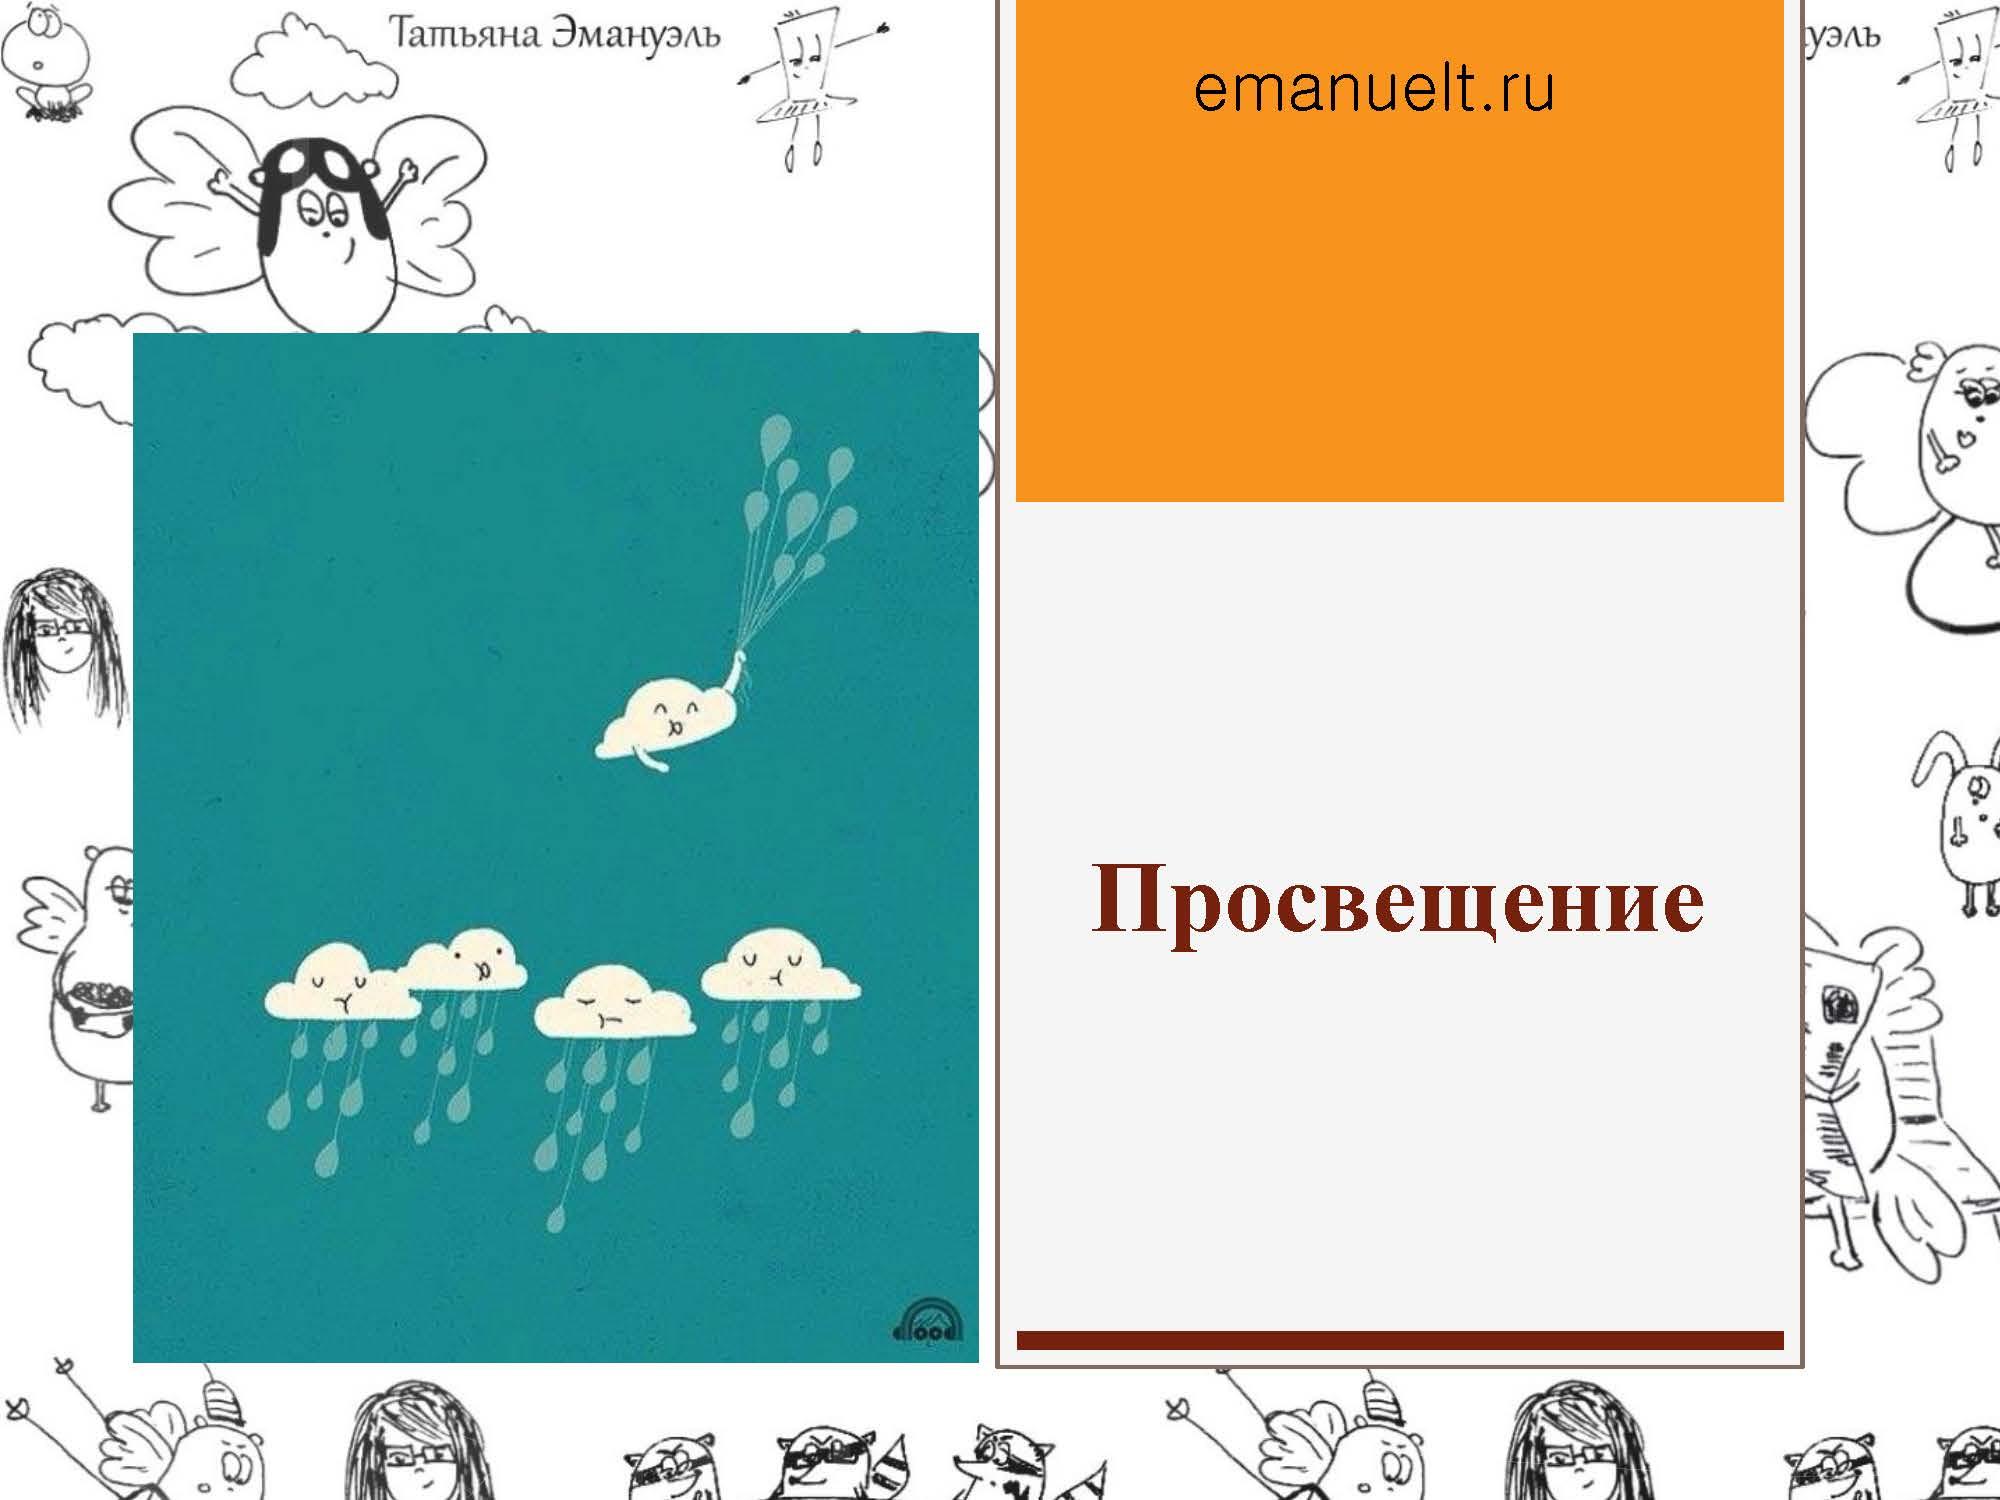 секция 8. Эмануэль Т.С., Московский район_Страница_14